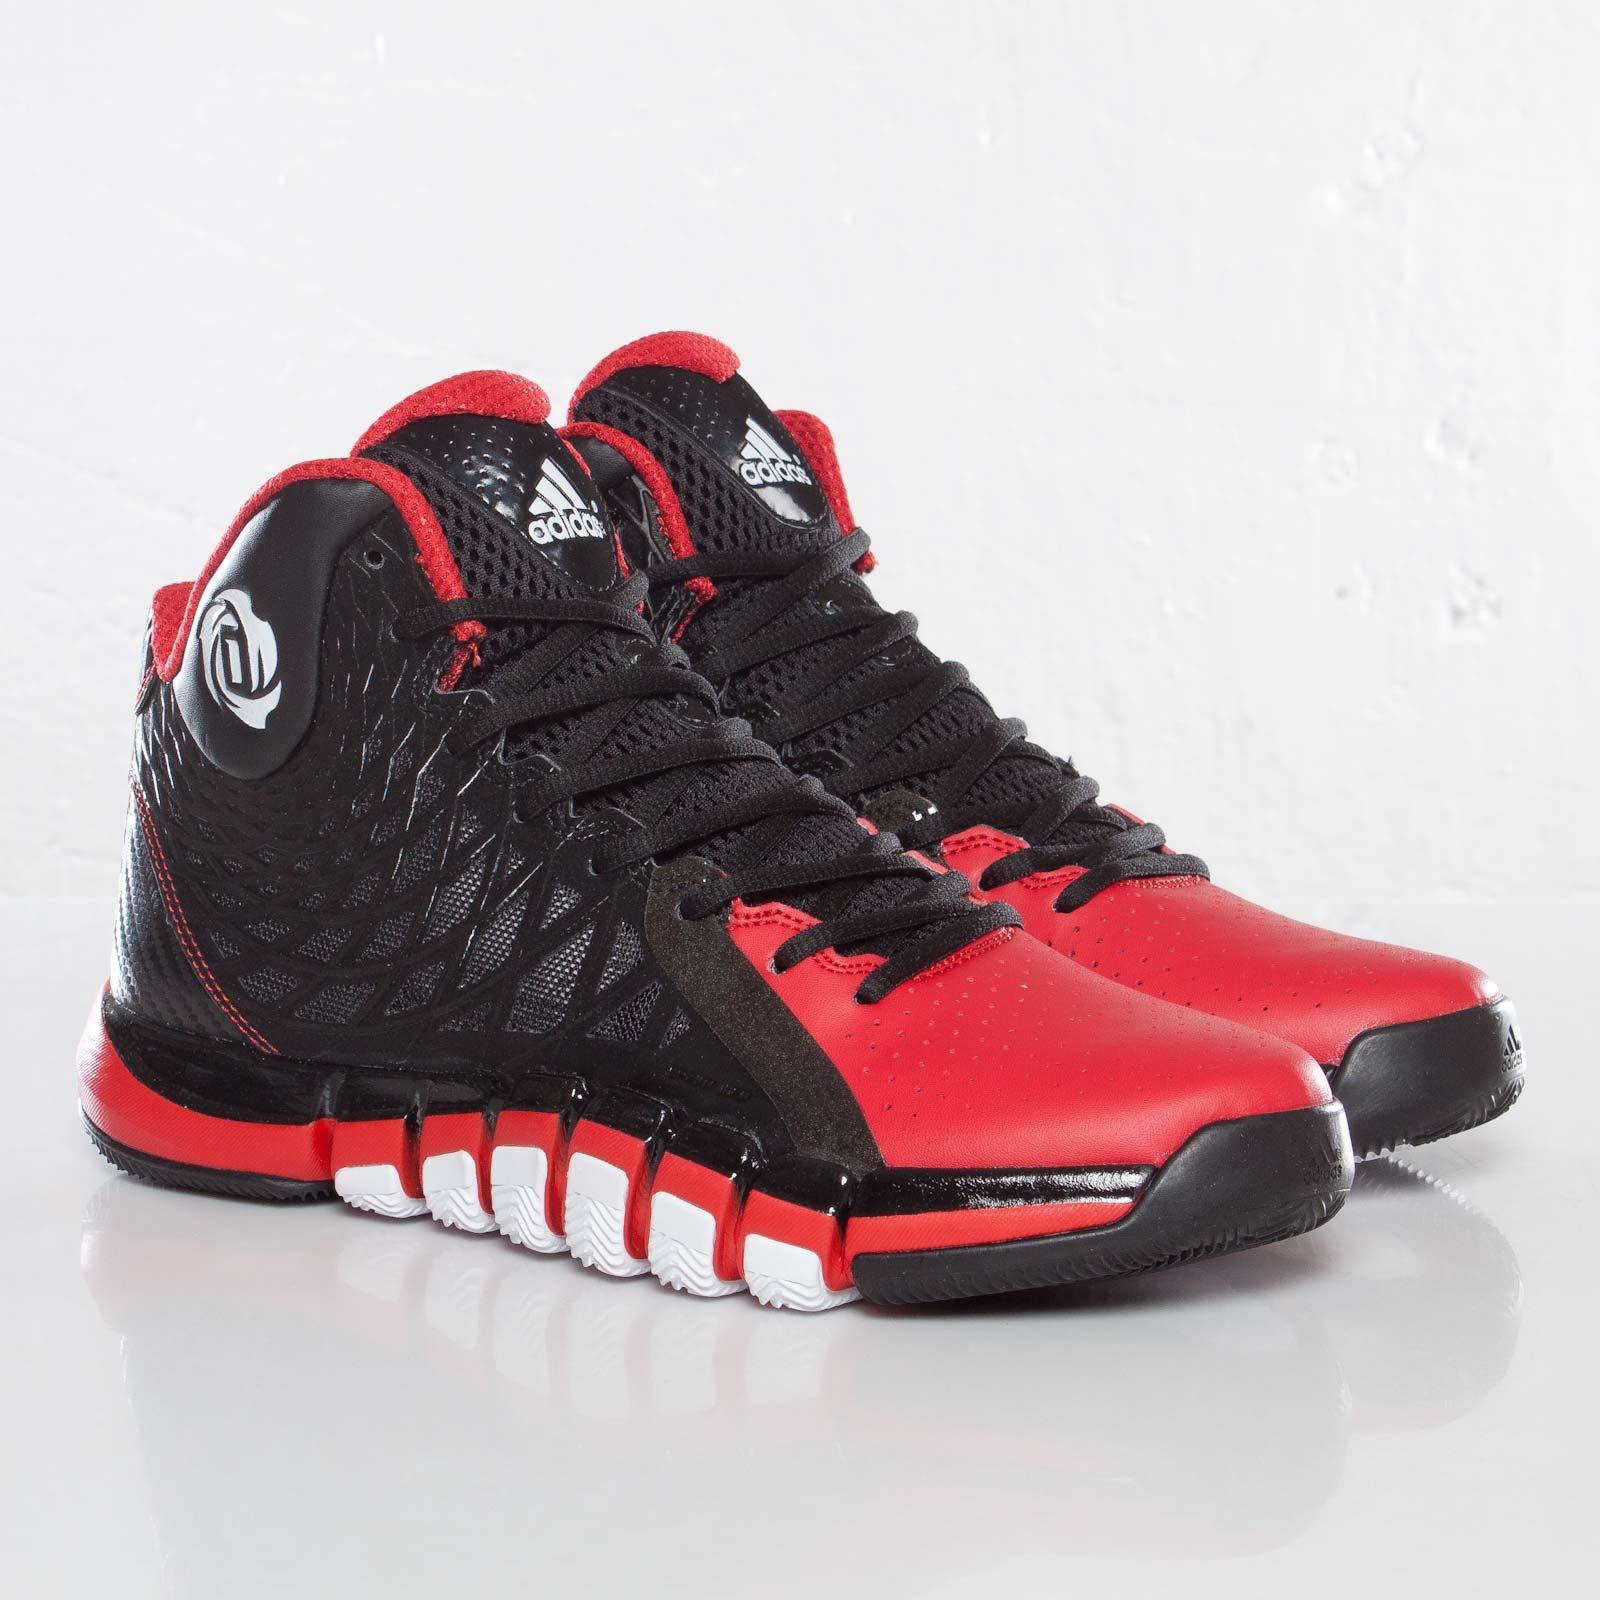 adidas D Rose 773 II - Q33229 - Sneakersnstuff  7a7e8814f3c